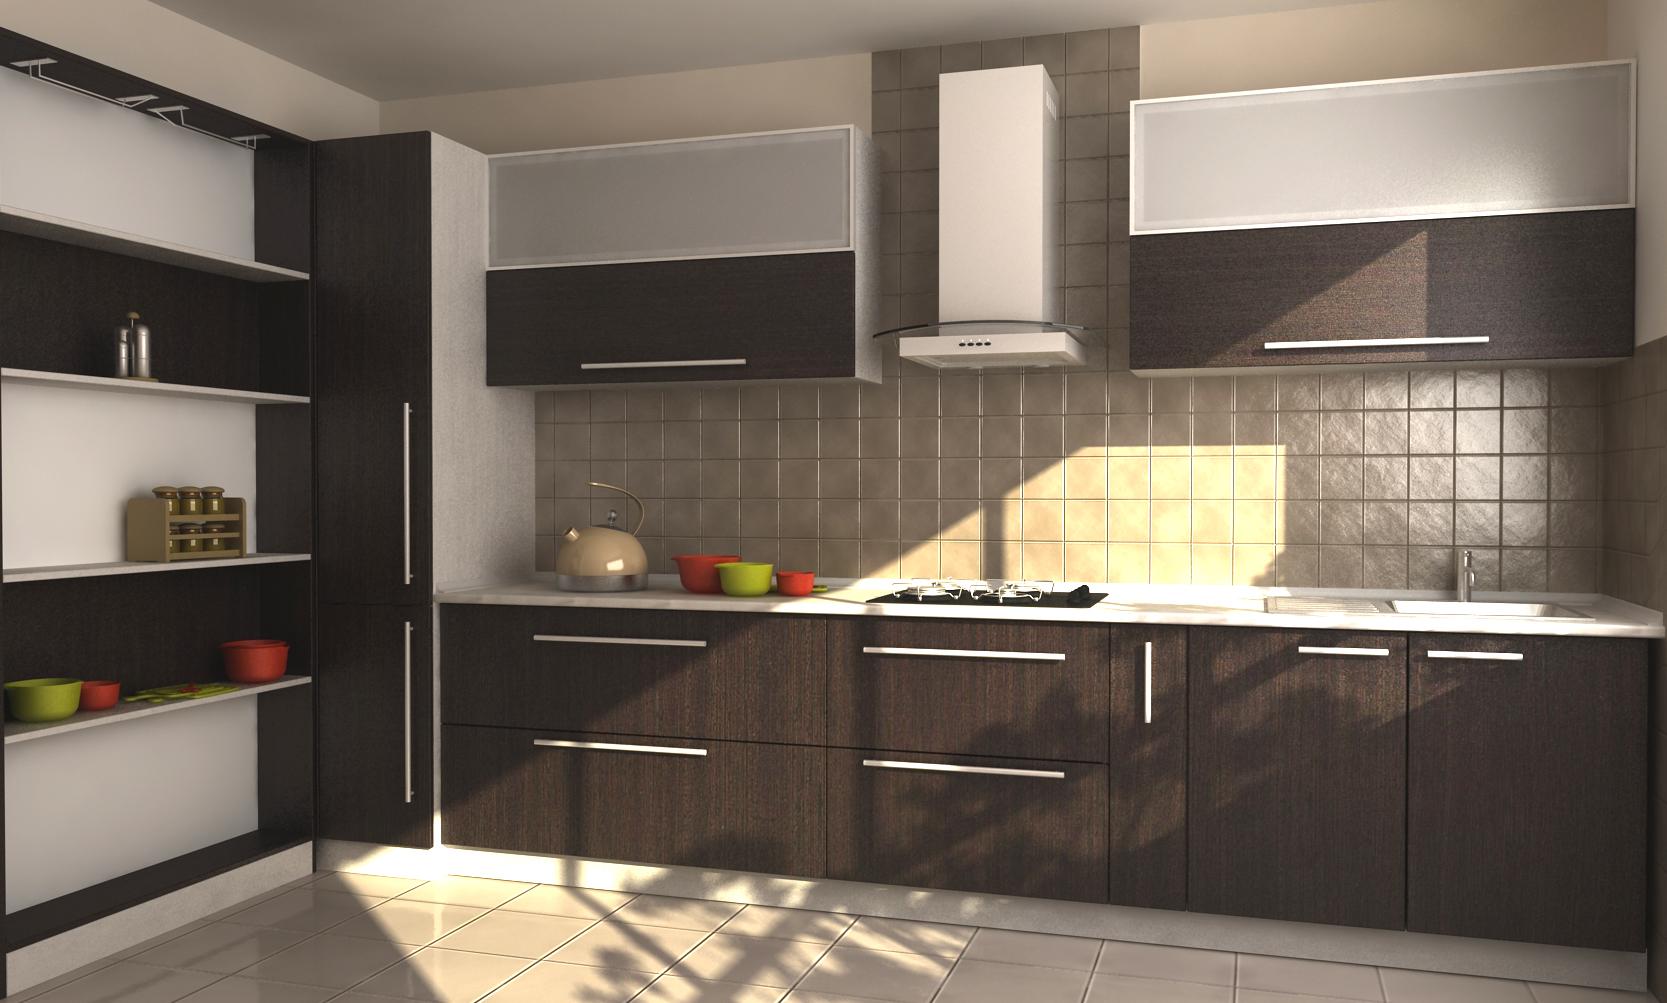 Стиль кухни фото